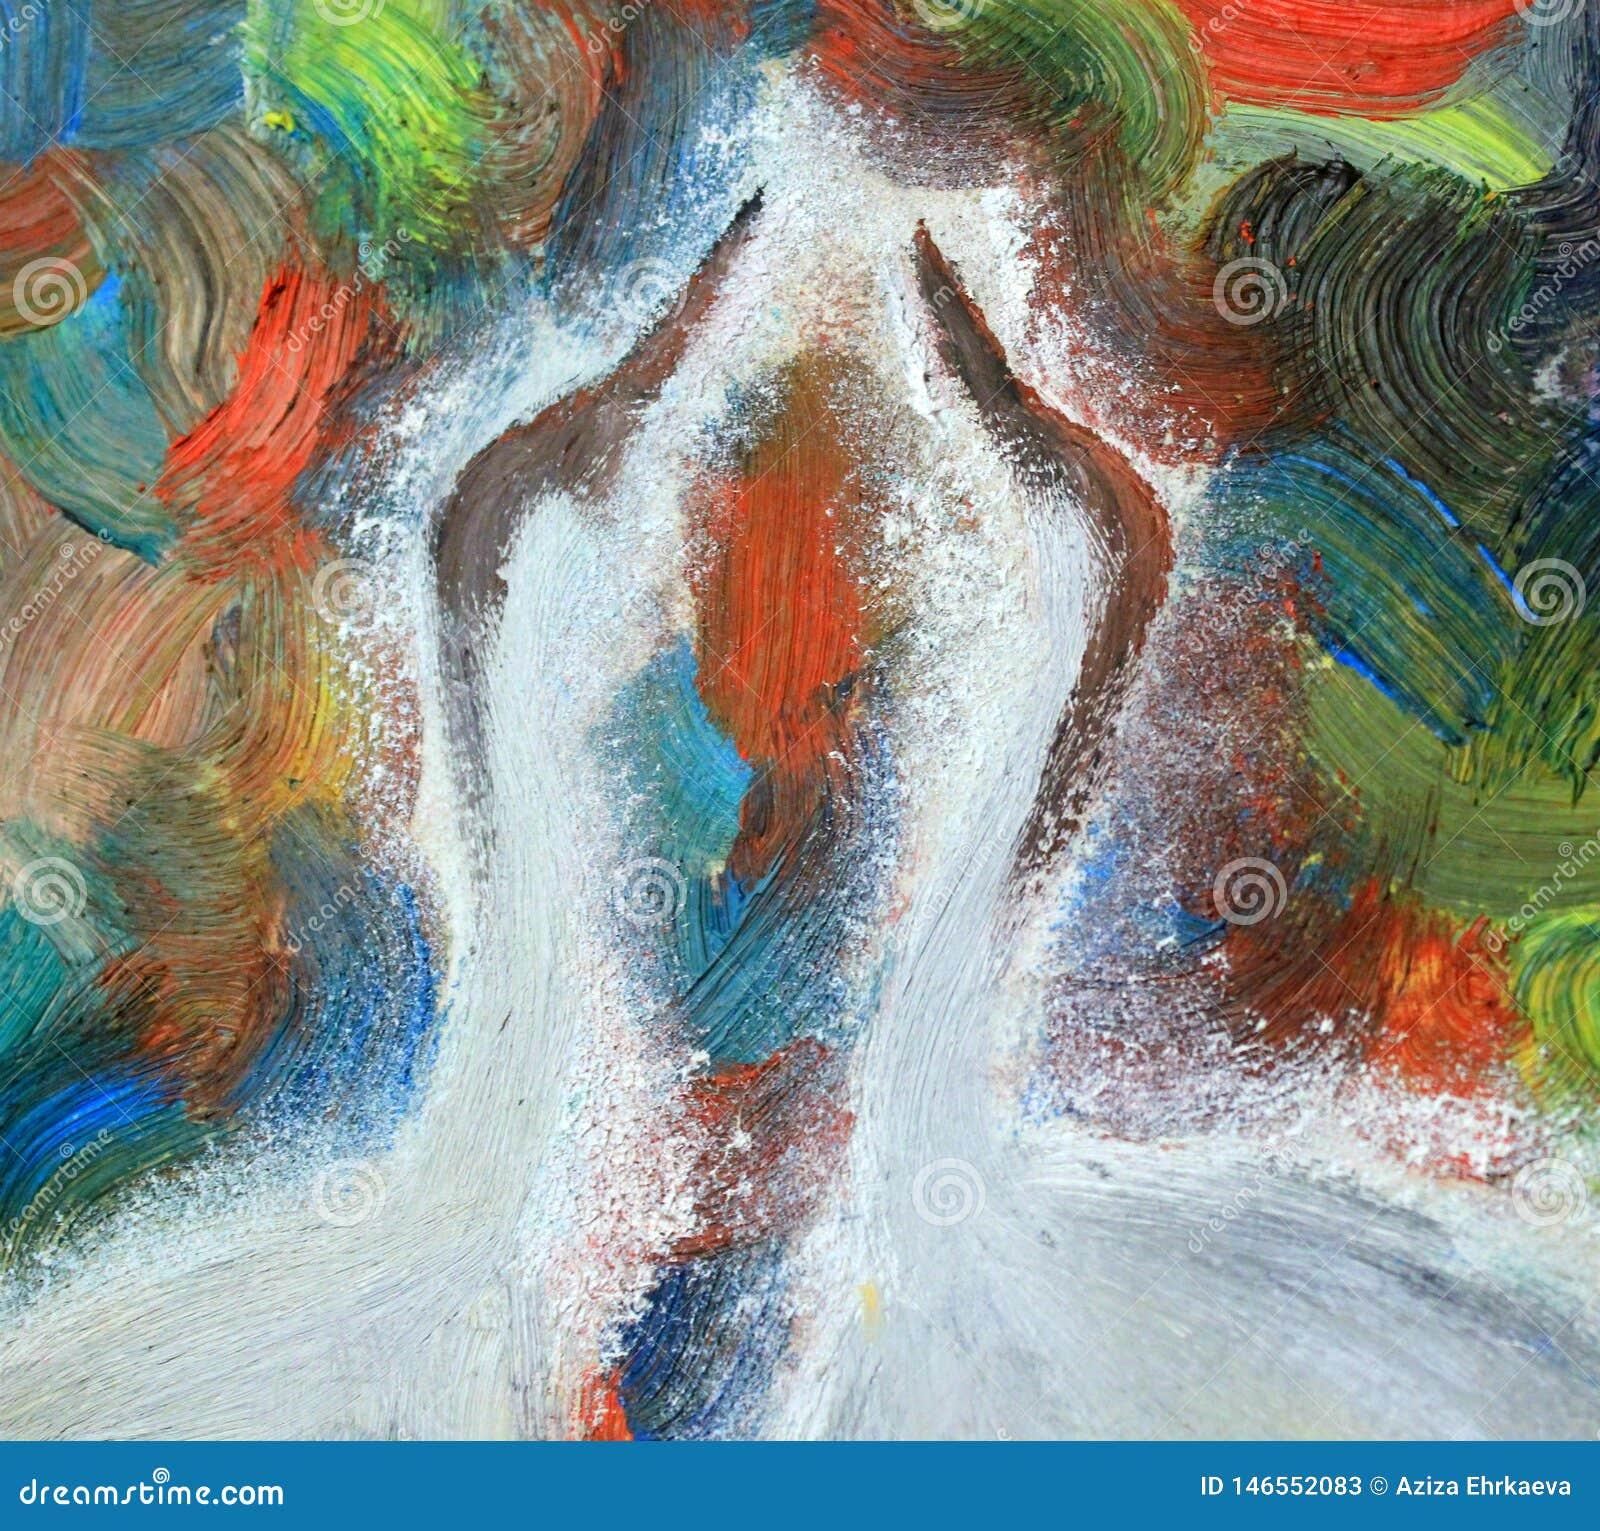 Het schilderen, olieverfschilderij, verschillende kleuren van de achtergrond, kranen, vogelhoofd